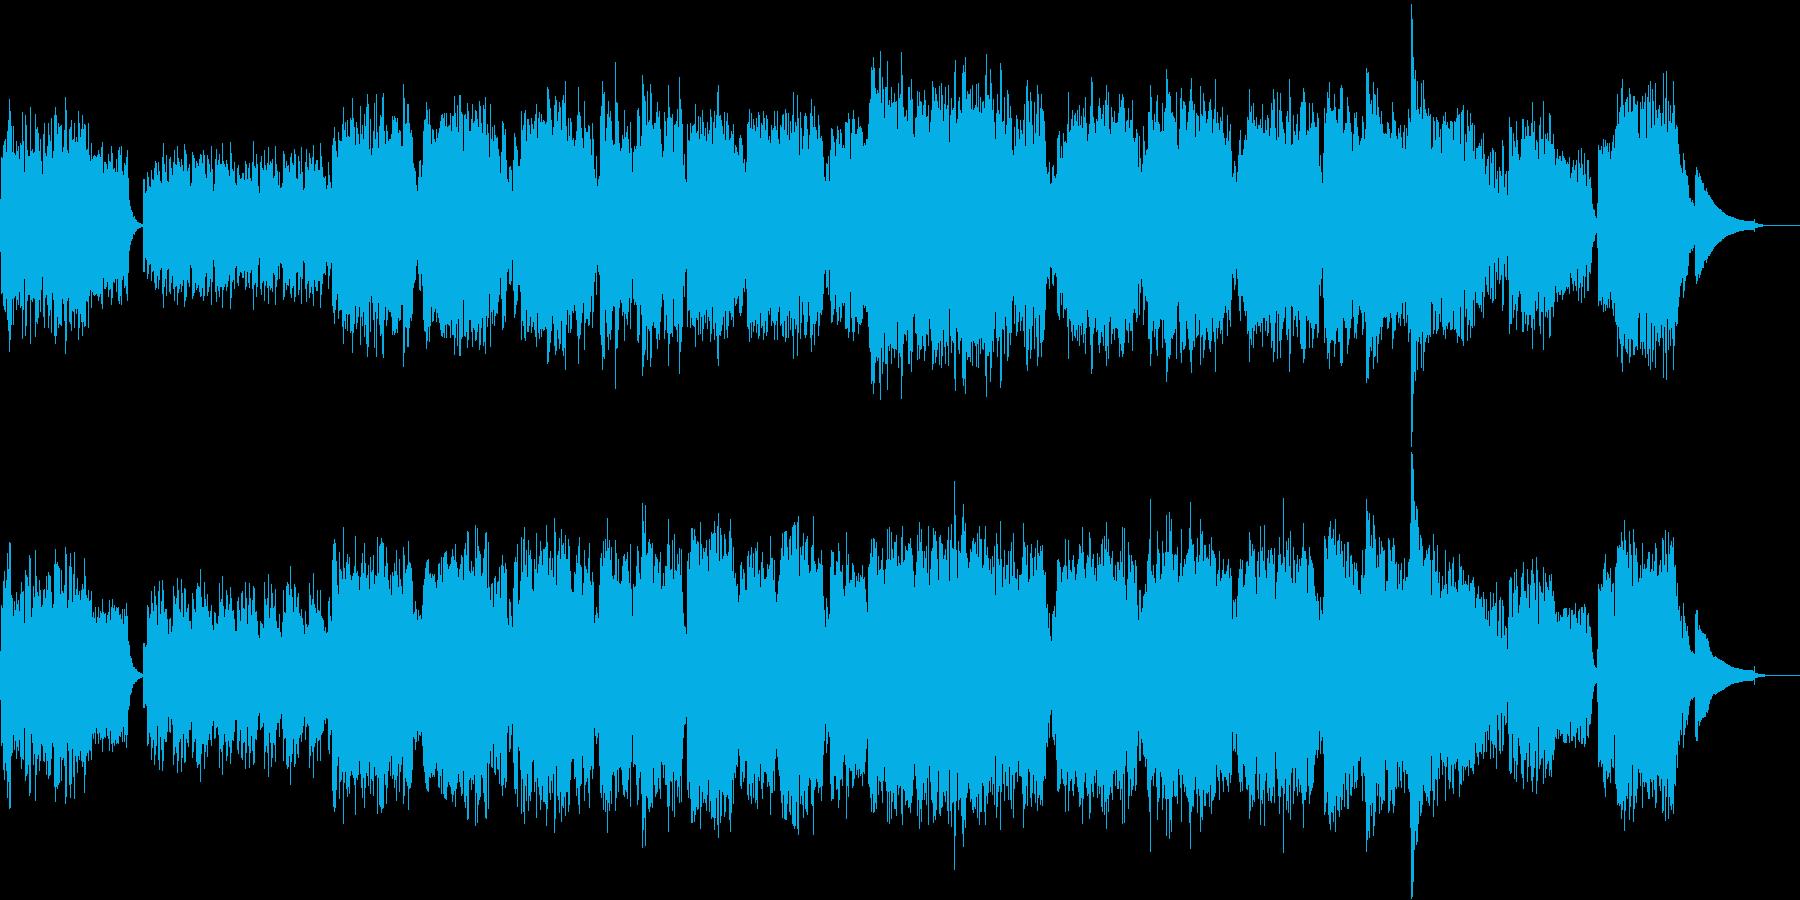 バイオリンとチェンバロの妖しい曲の再生済みの波形